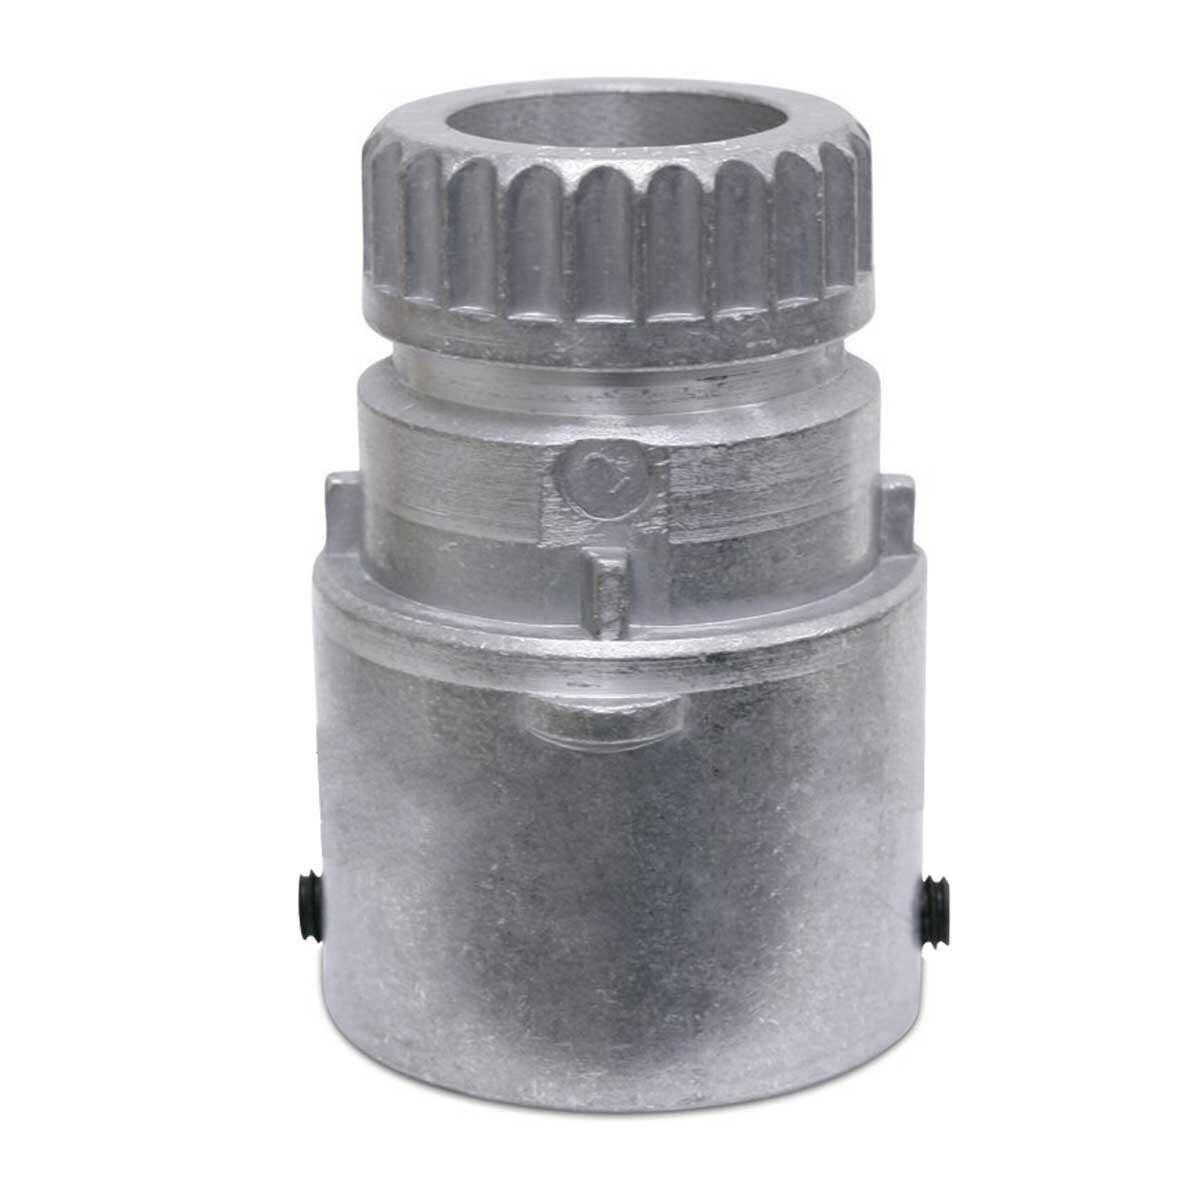 Quik Drive HIAG2-RC Adapter for Hitachi Screwgun